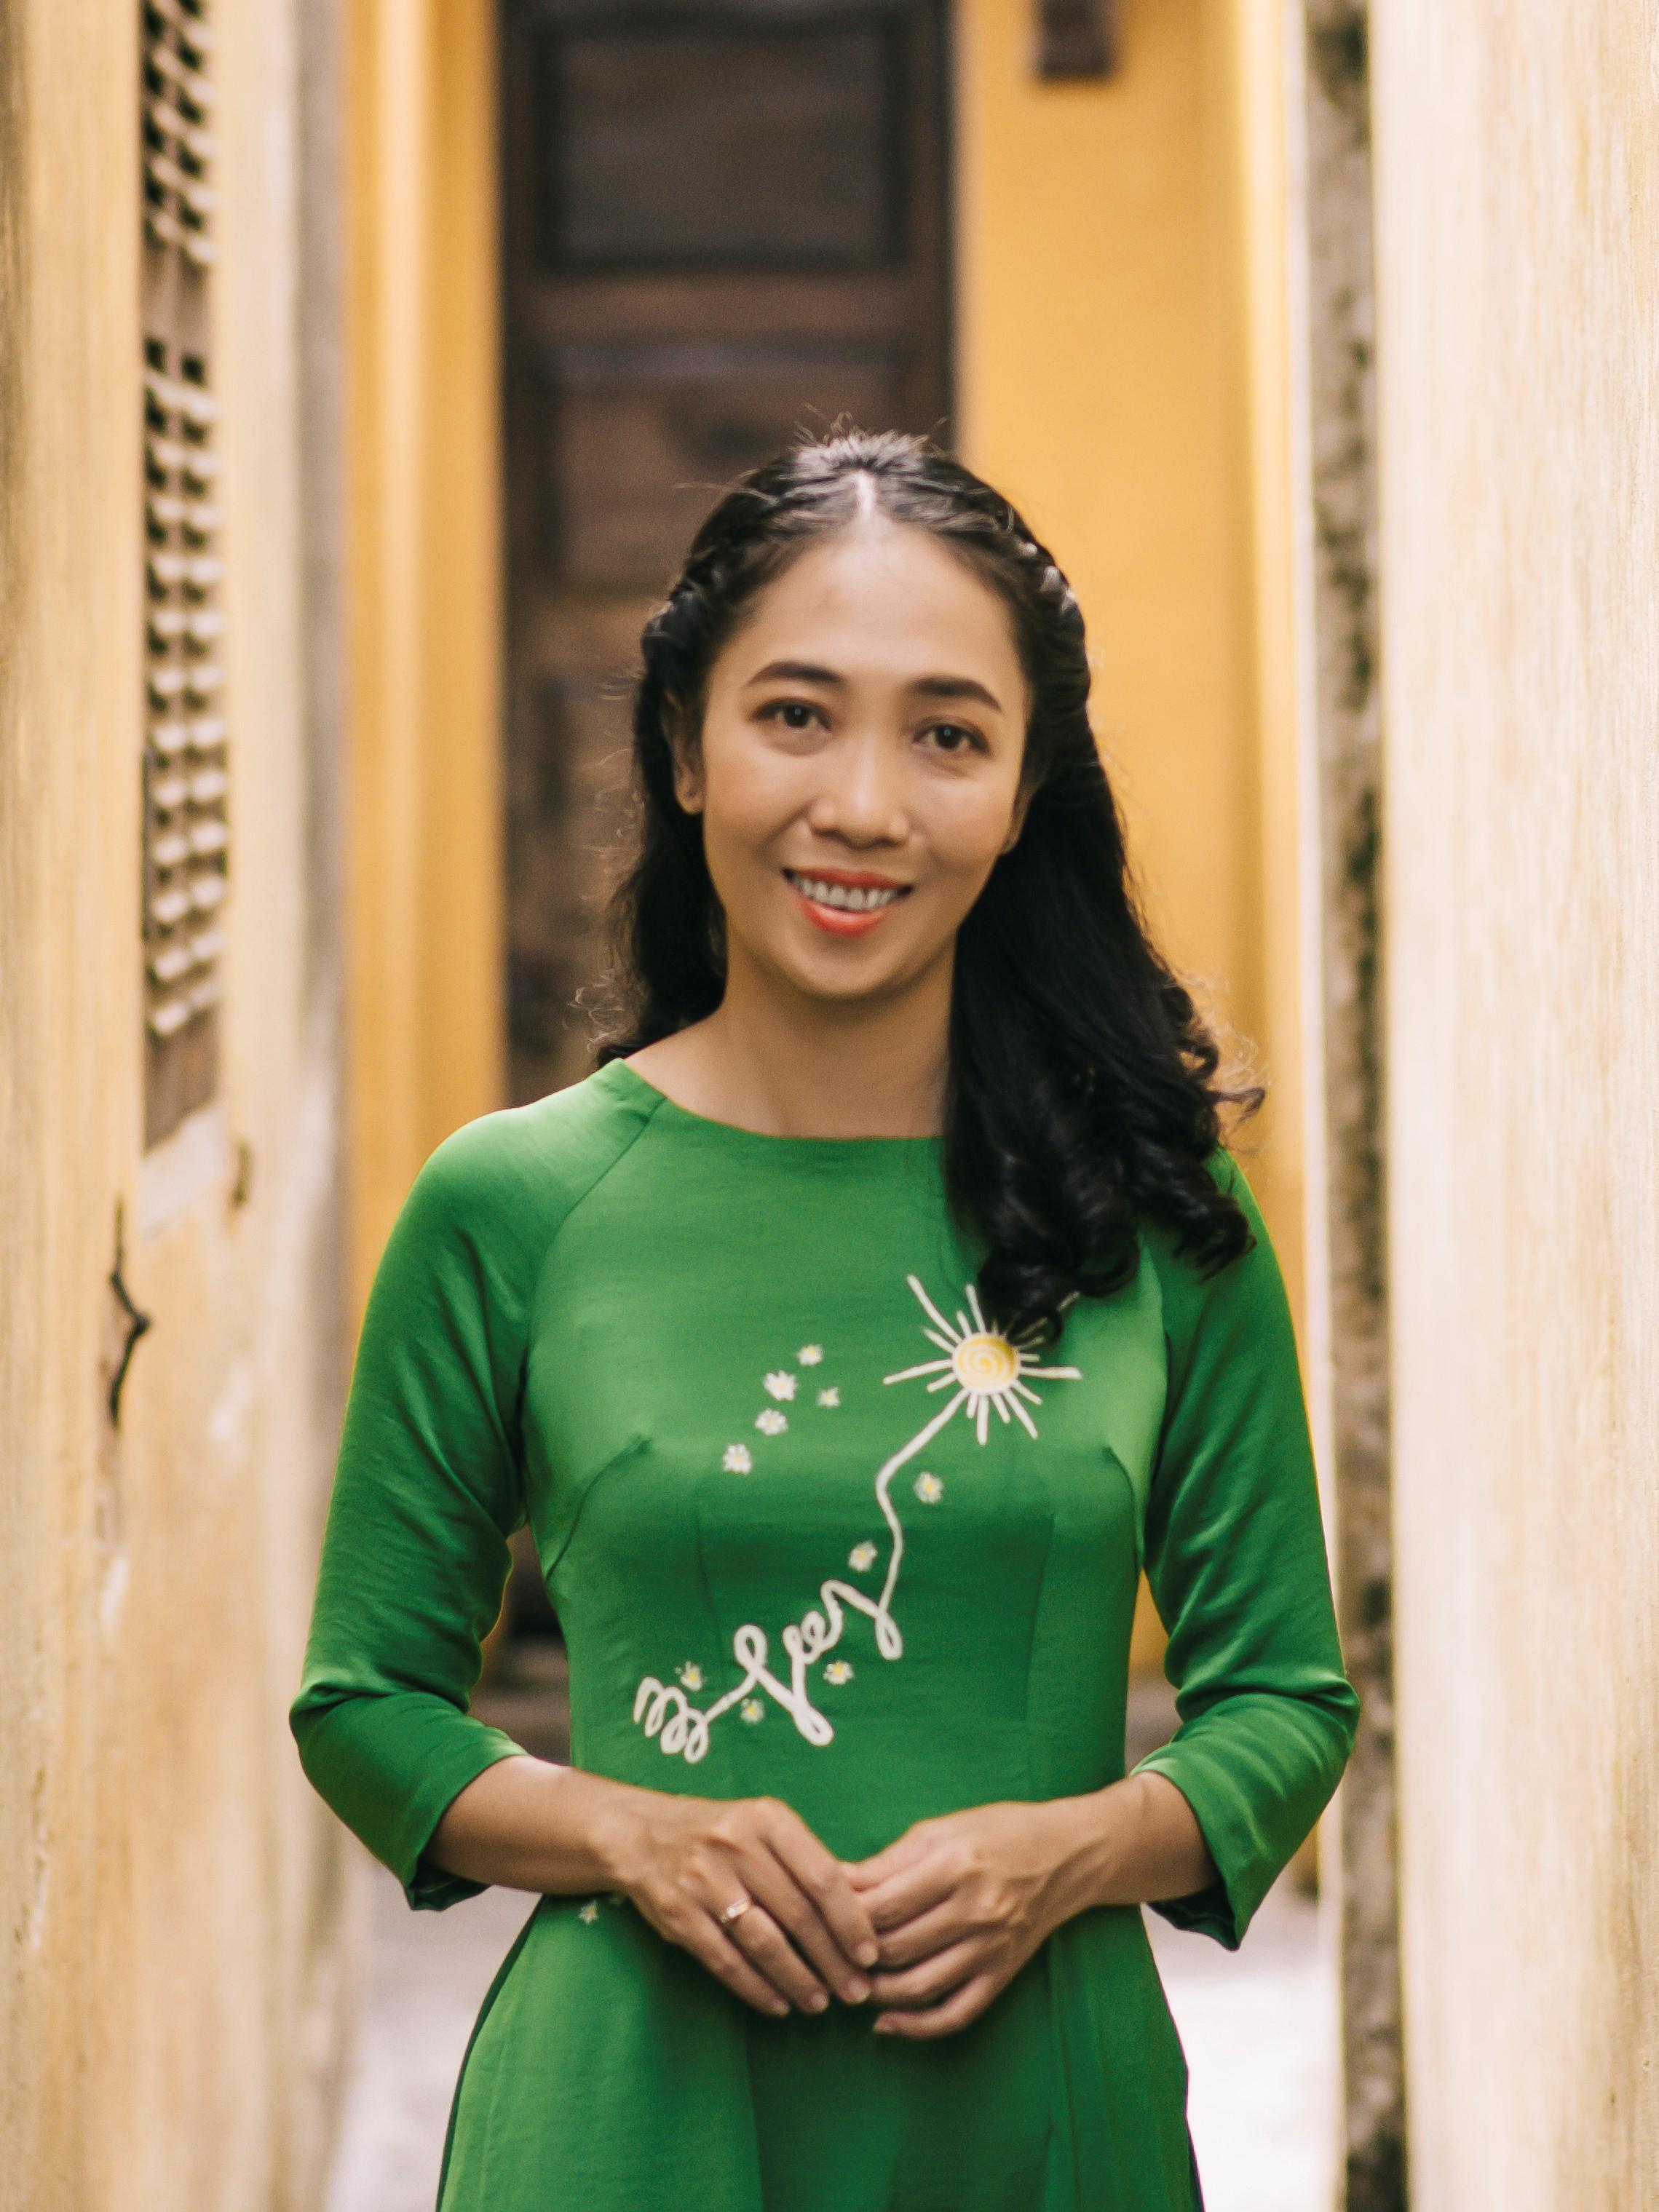 Ths. Nguyễn Thị Hữu Hạnh - Giảng viên khoa TCKT - Thạc sỹ chuyên ngành Kinh tế tài chính ngân hàng.